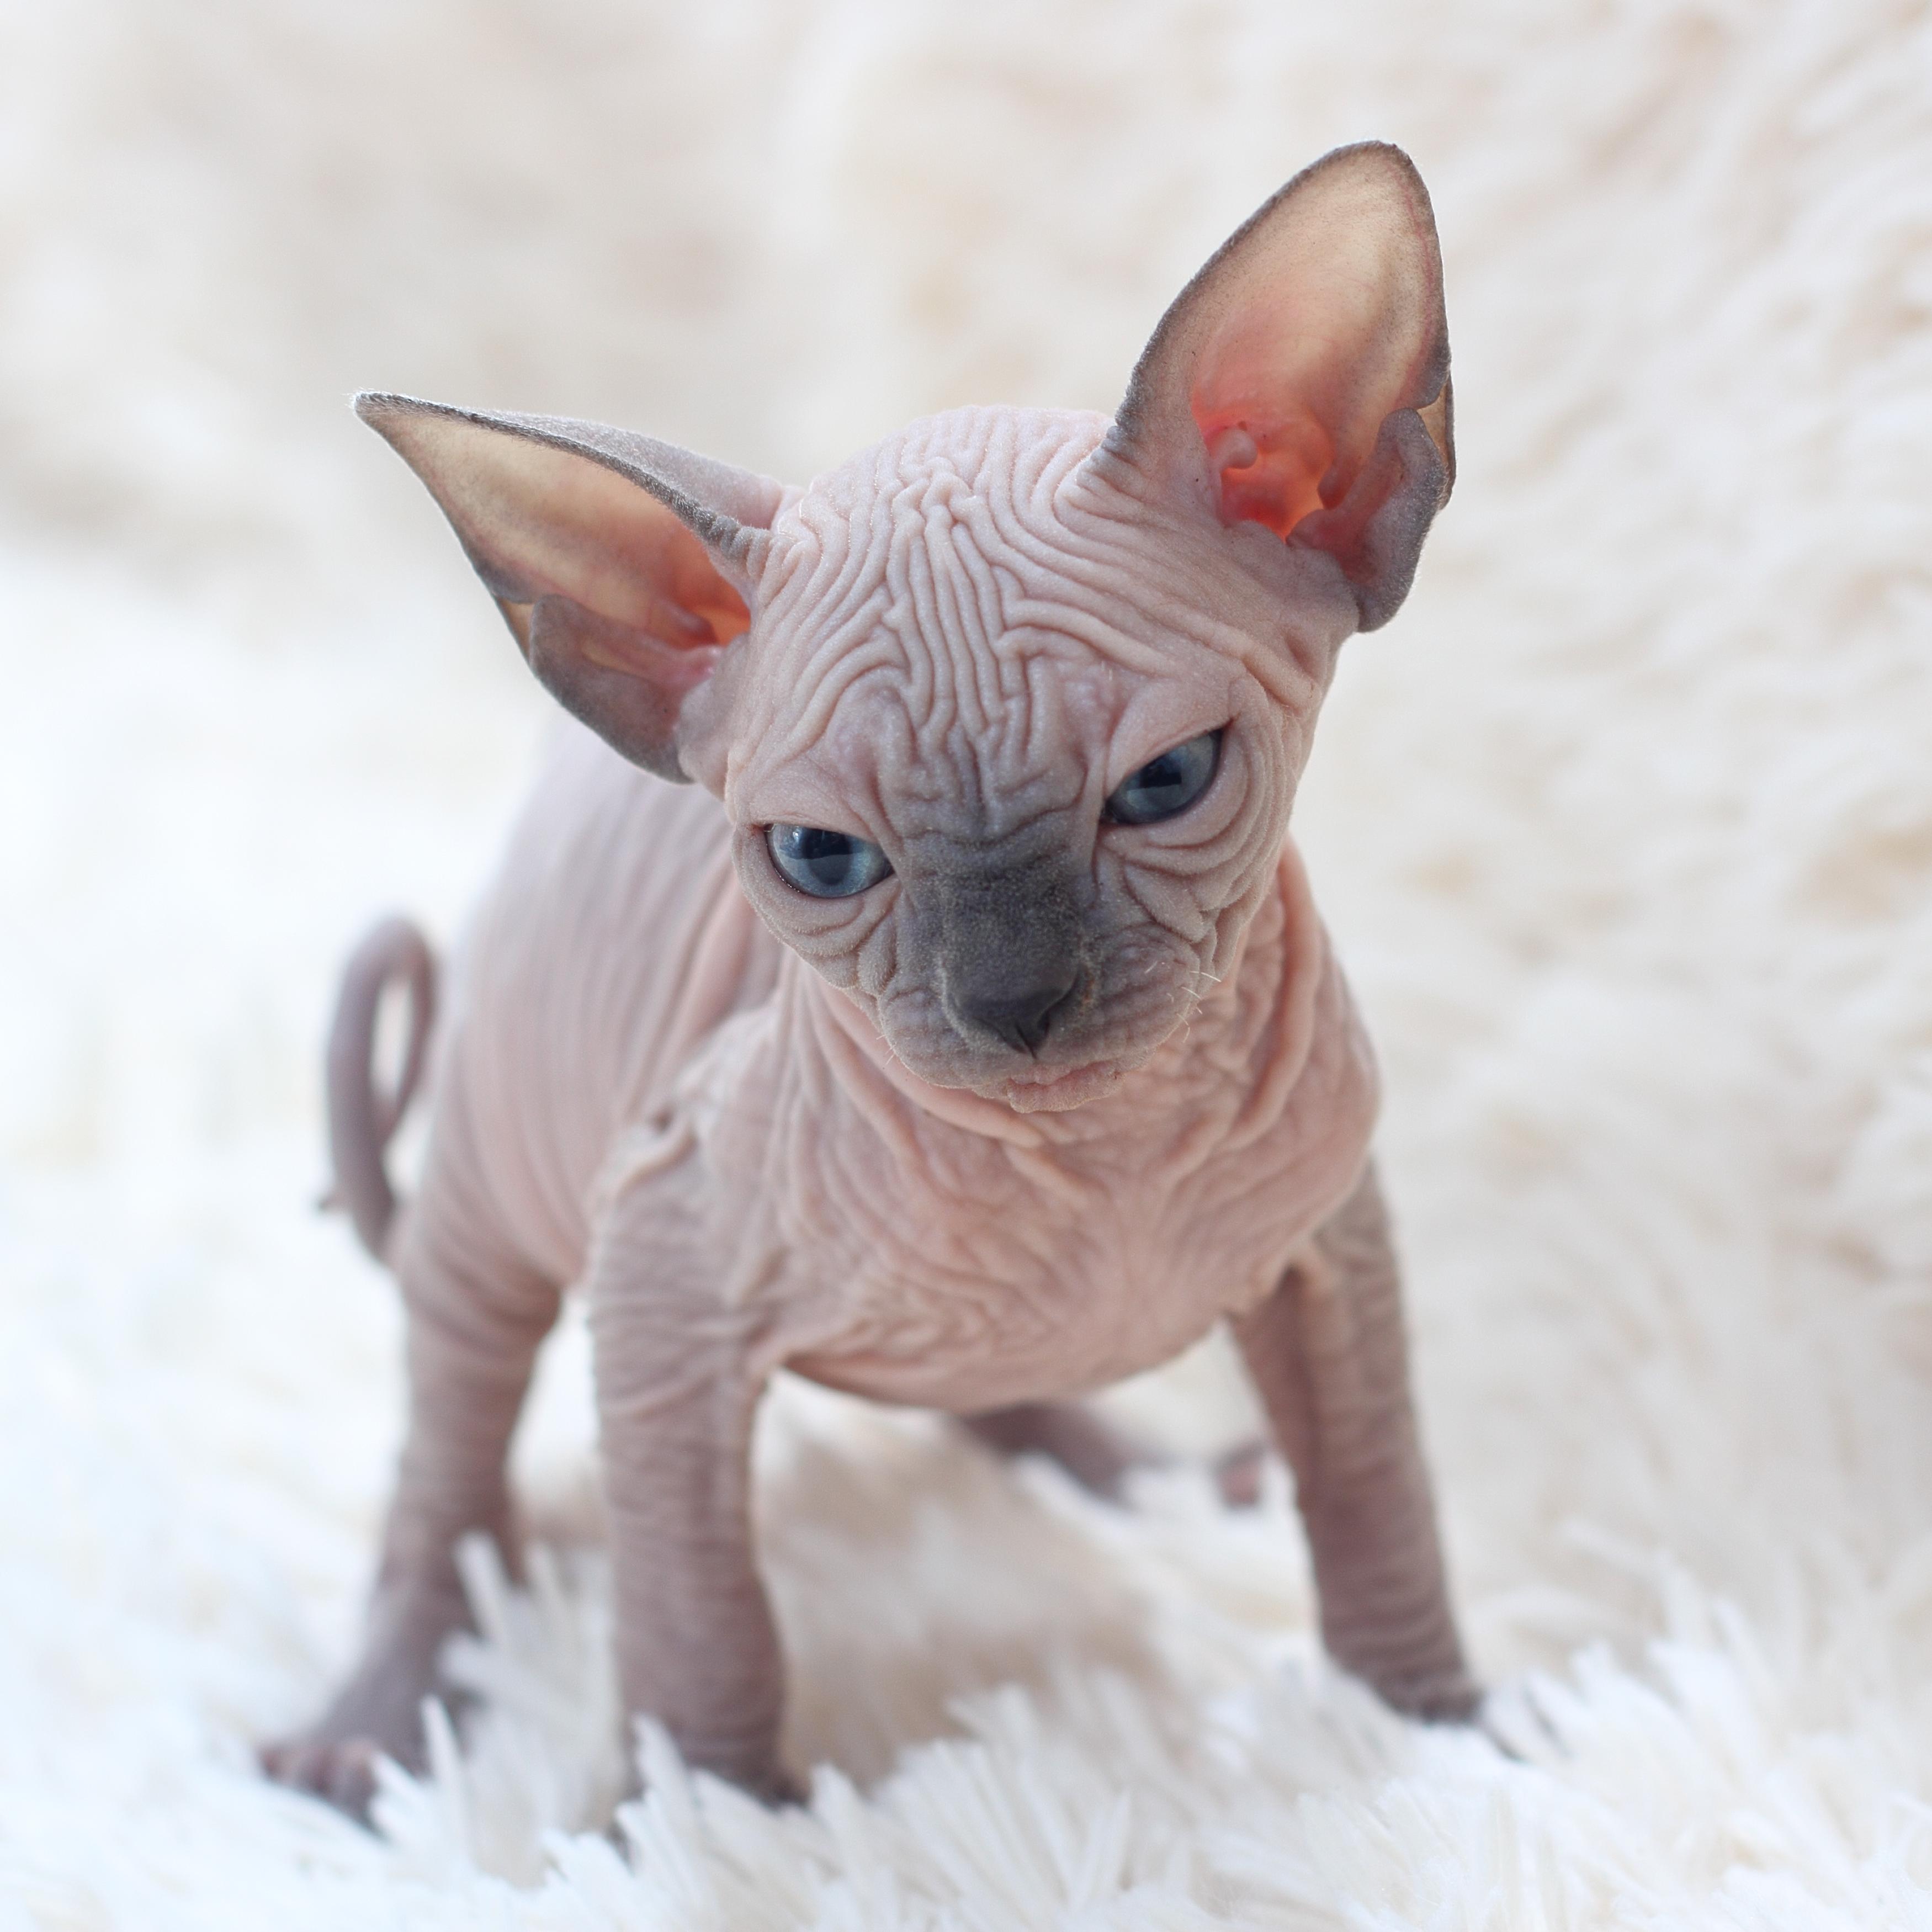 File:Sphynx kittens jpg - Wikimedia Commons